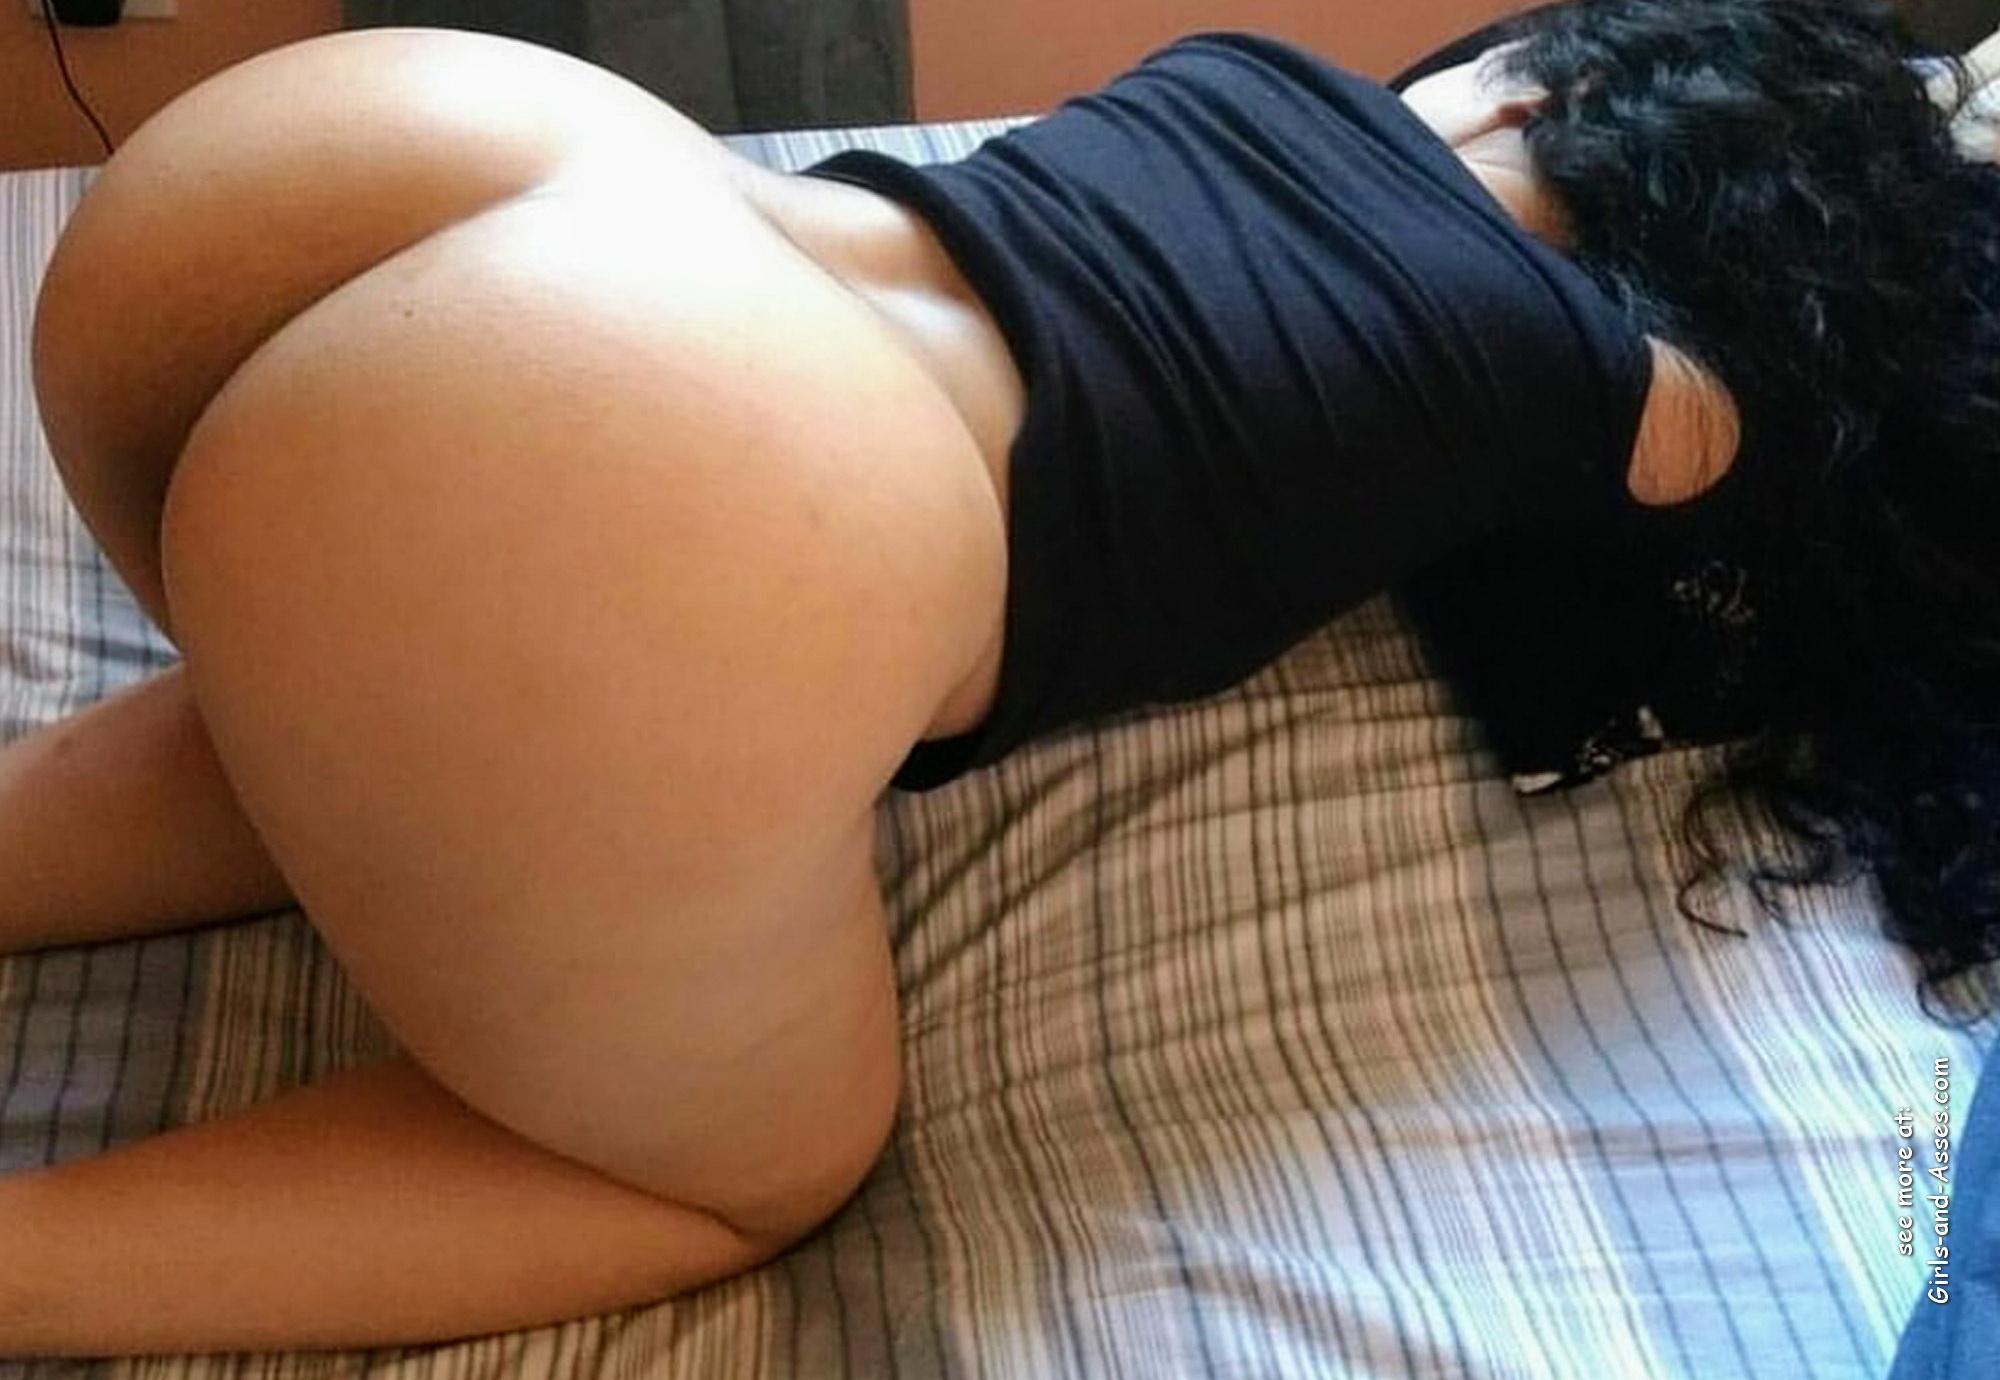 big assed naked brazilian babe photo 08305